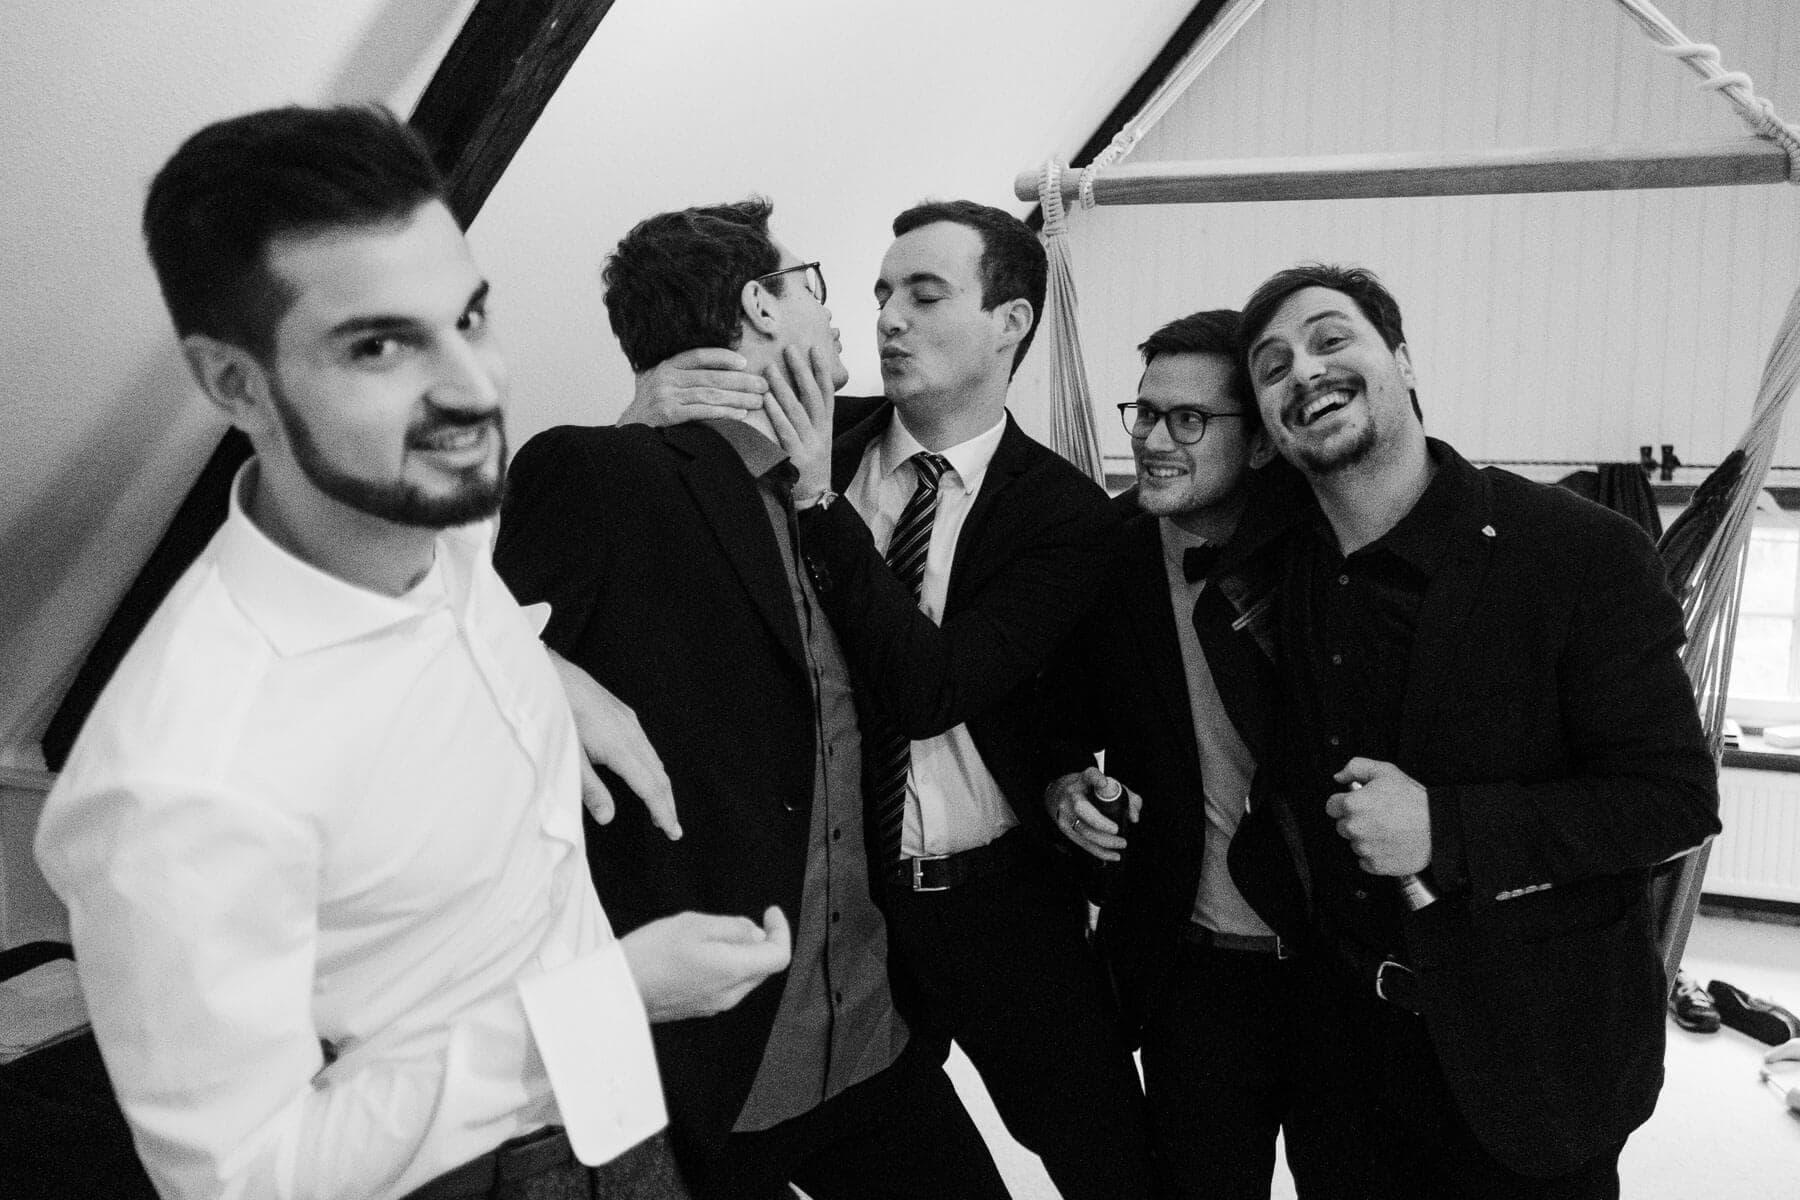 der Bräutigam steht mit 4 weiteren Männern in einem alten Landhaus, der Bräutigam trägt ein weißes Hemd, er schaut direkt in die Kamera, die 4 Männer tragen einen Anzug, sie verziehen alle das Gesicht und lachen dabei